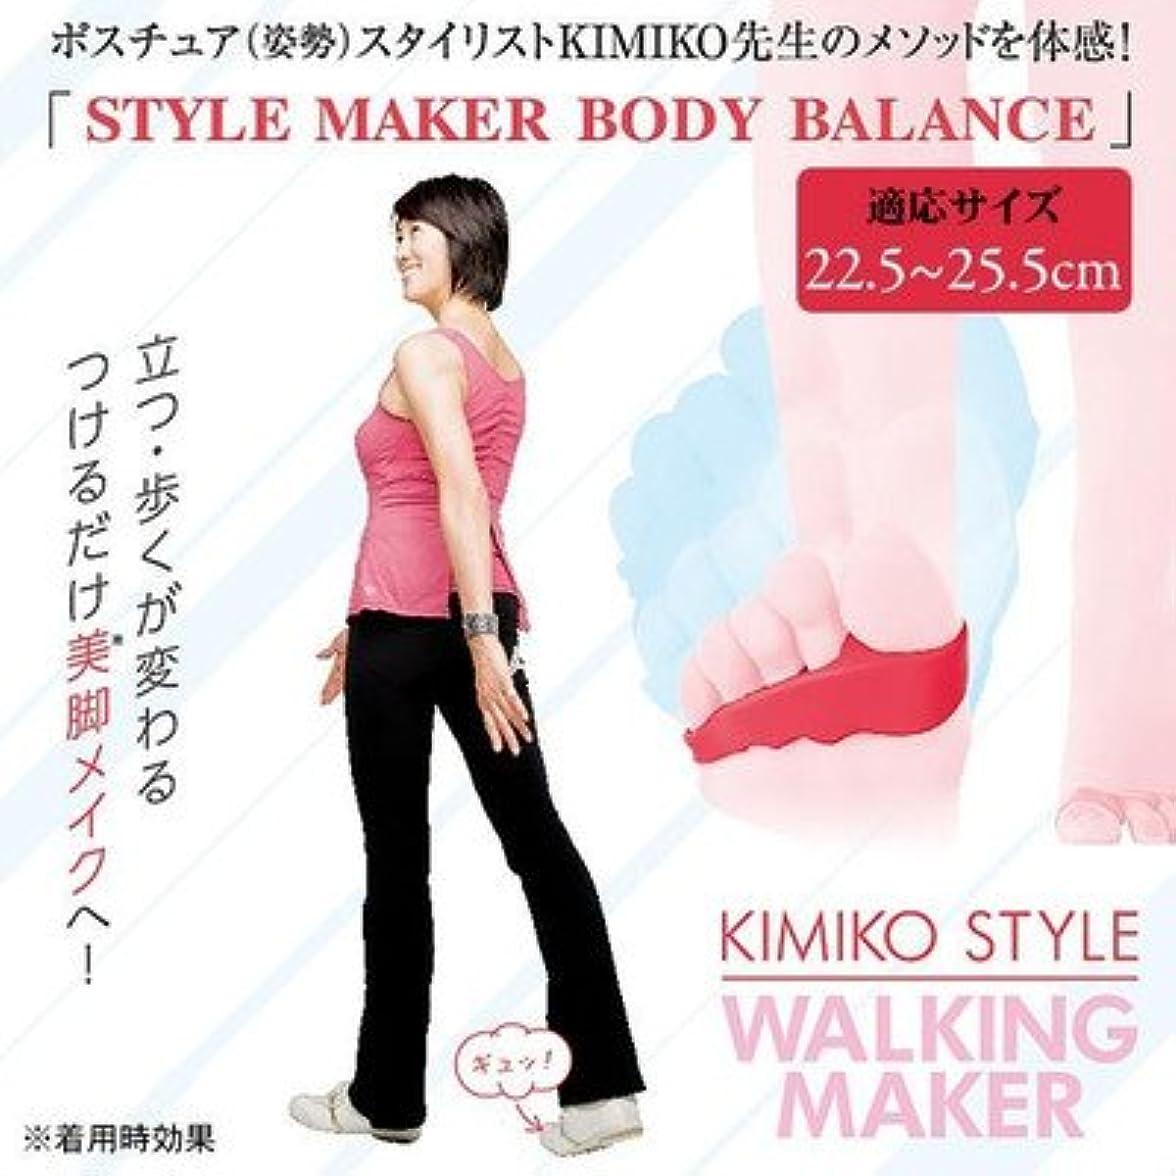 ドラマダメージ西部付けて歩いて 正しい歩行姿勢へナビゲート KIMIKO STYLE キミコスタイル WALKING MAKER ウォーキングメーカー 1足入